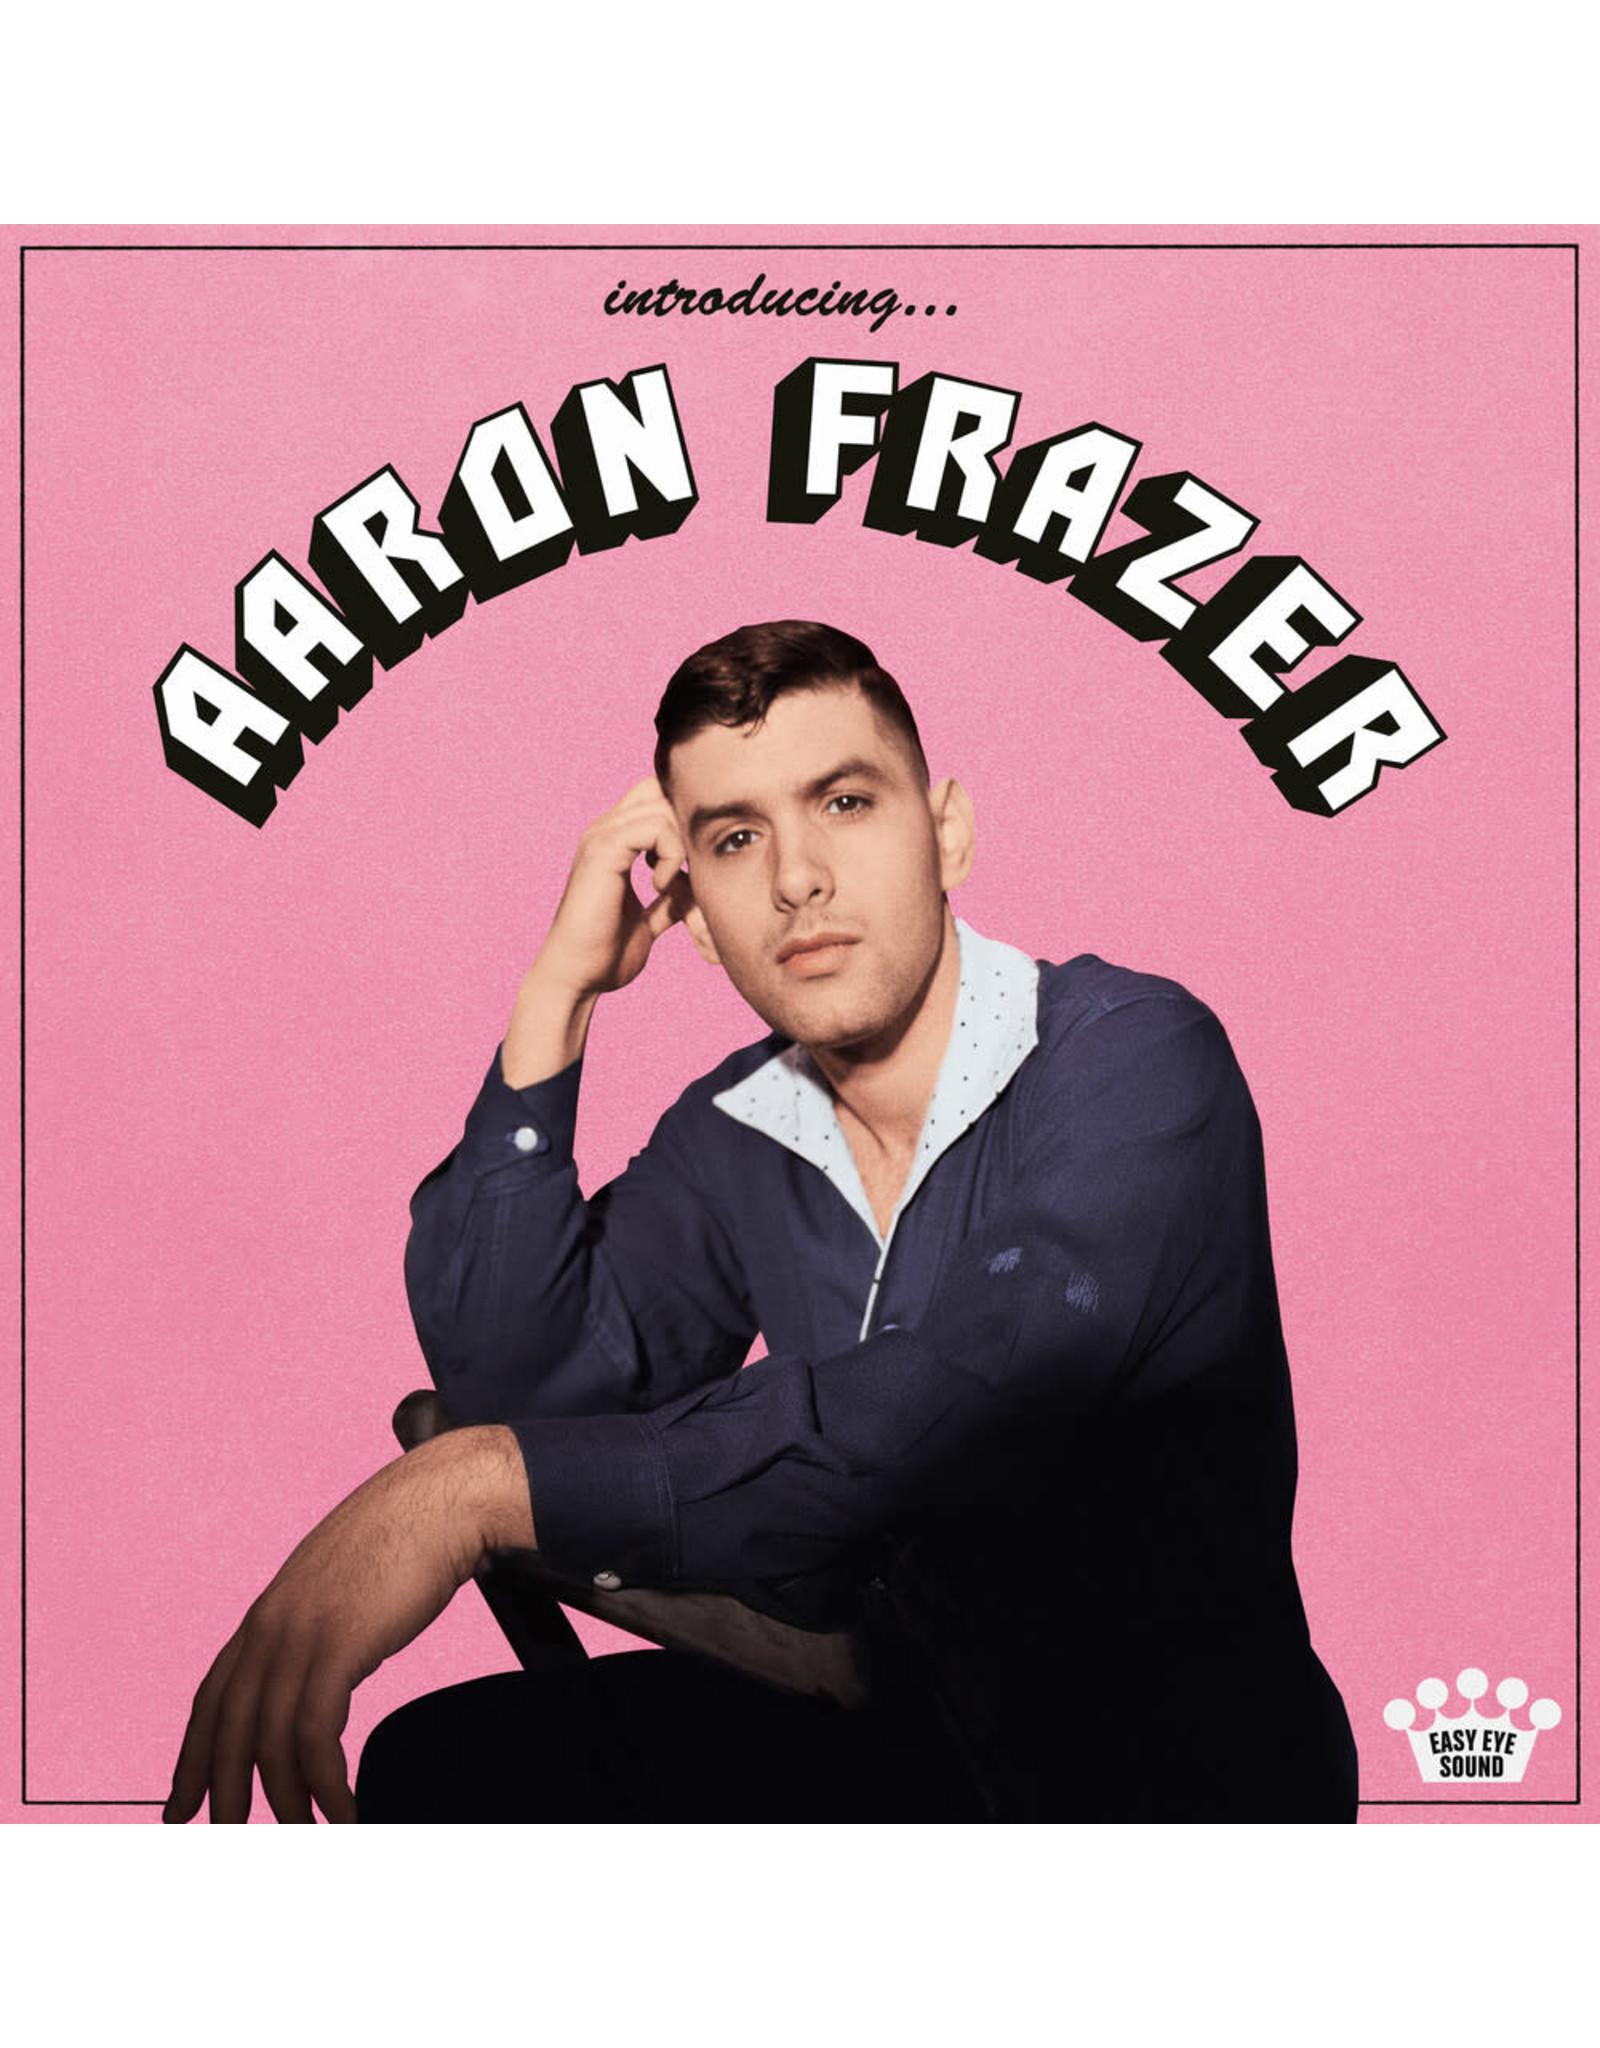 Frazer, Aaron - Introducing... (Coloured) LP